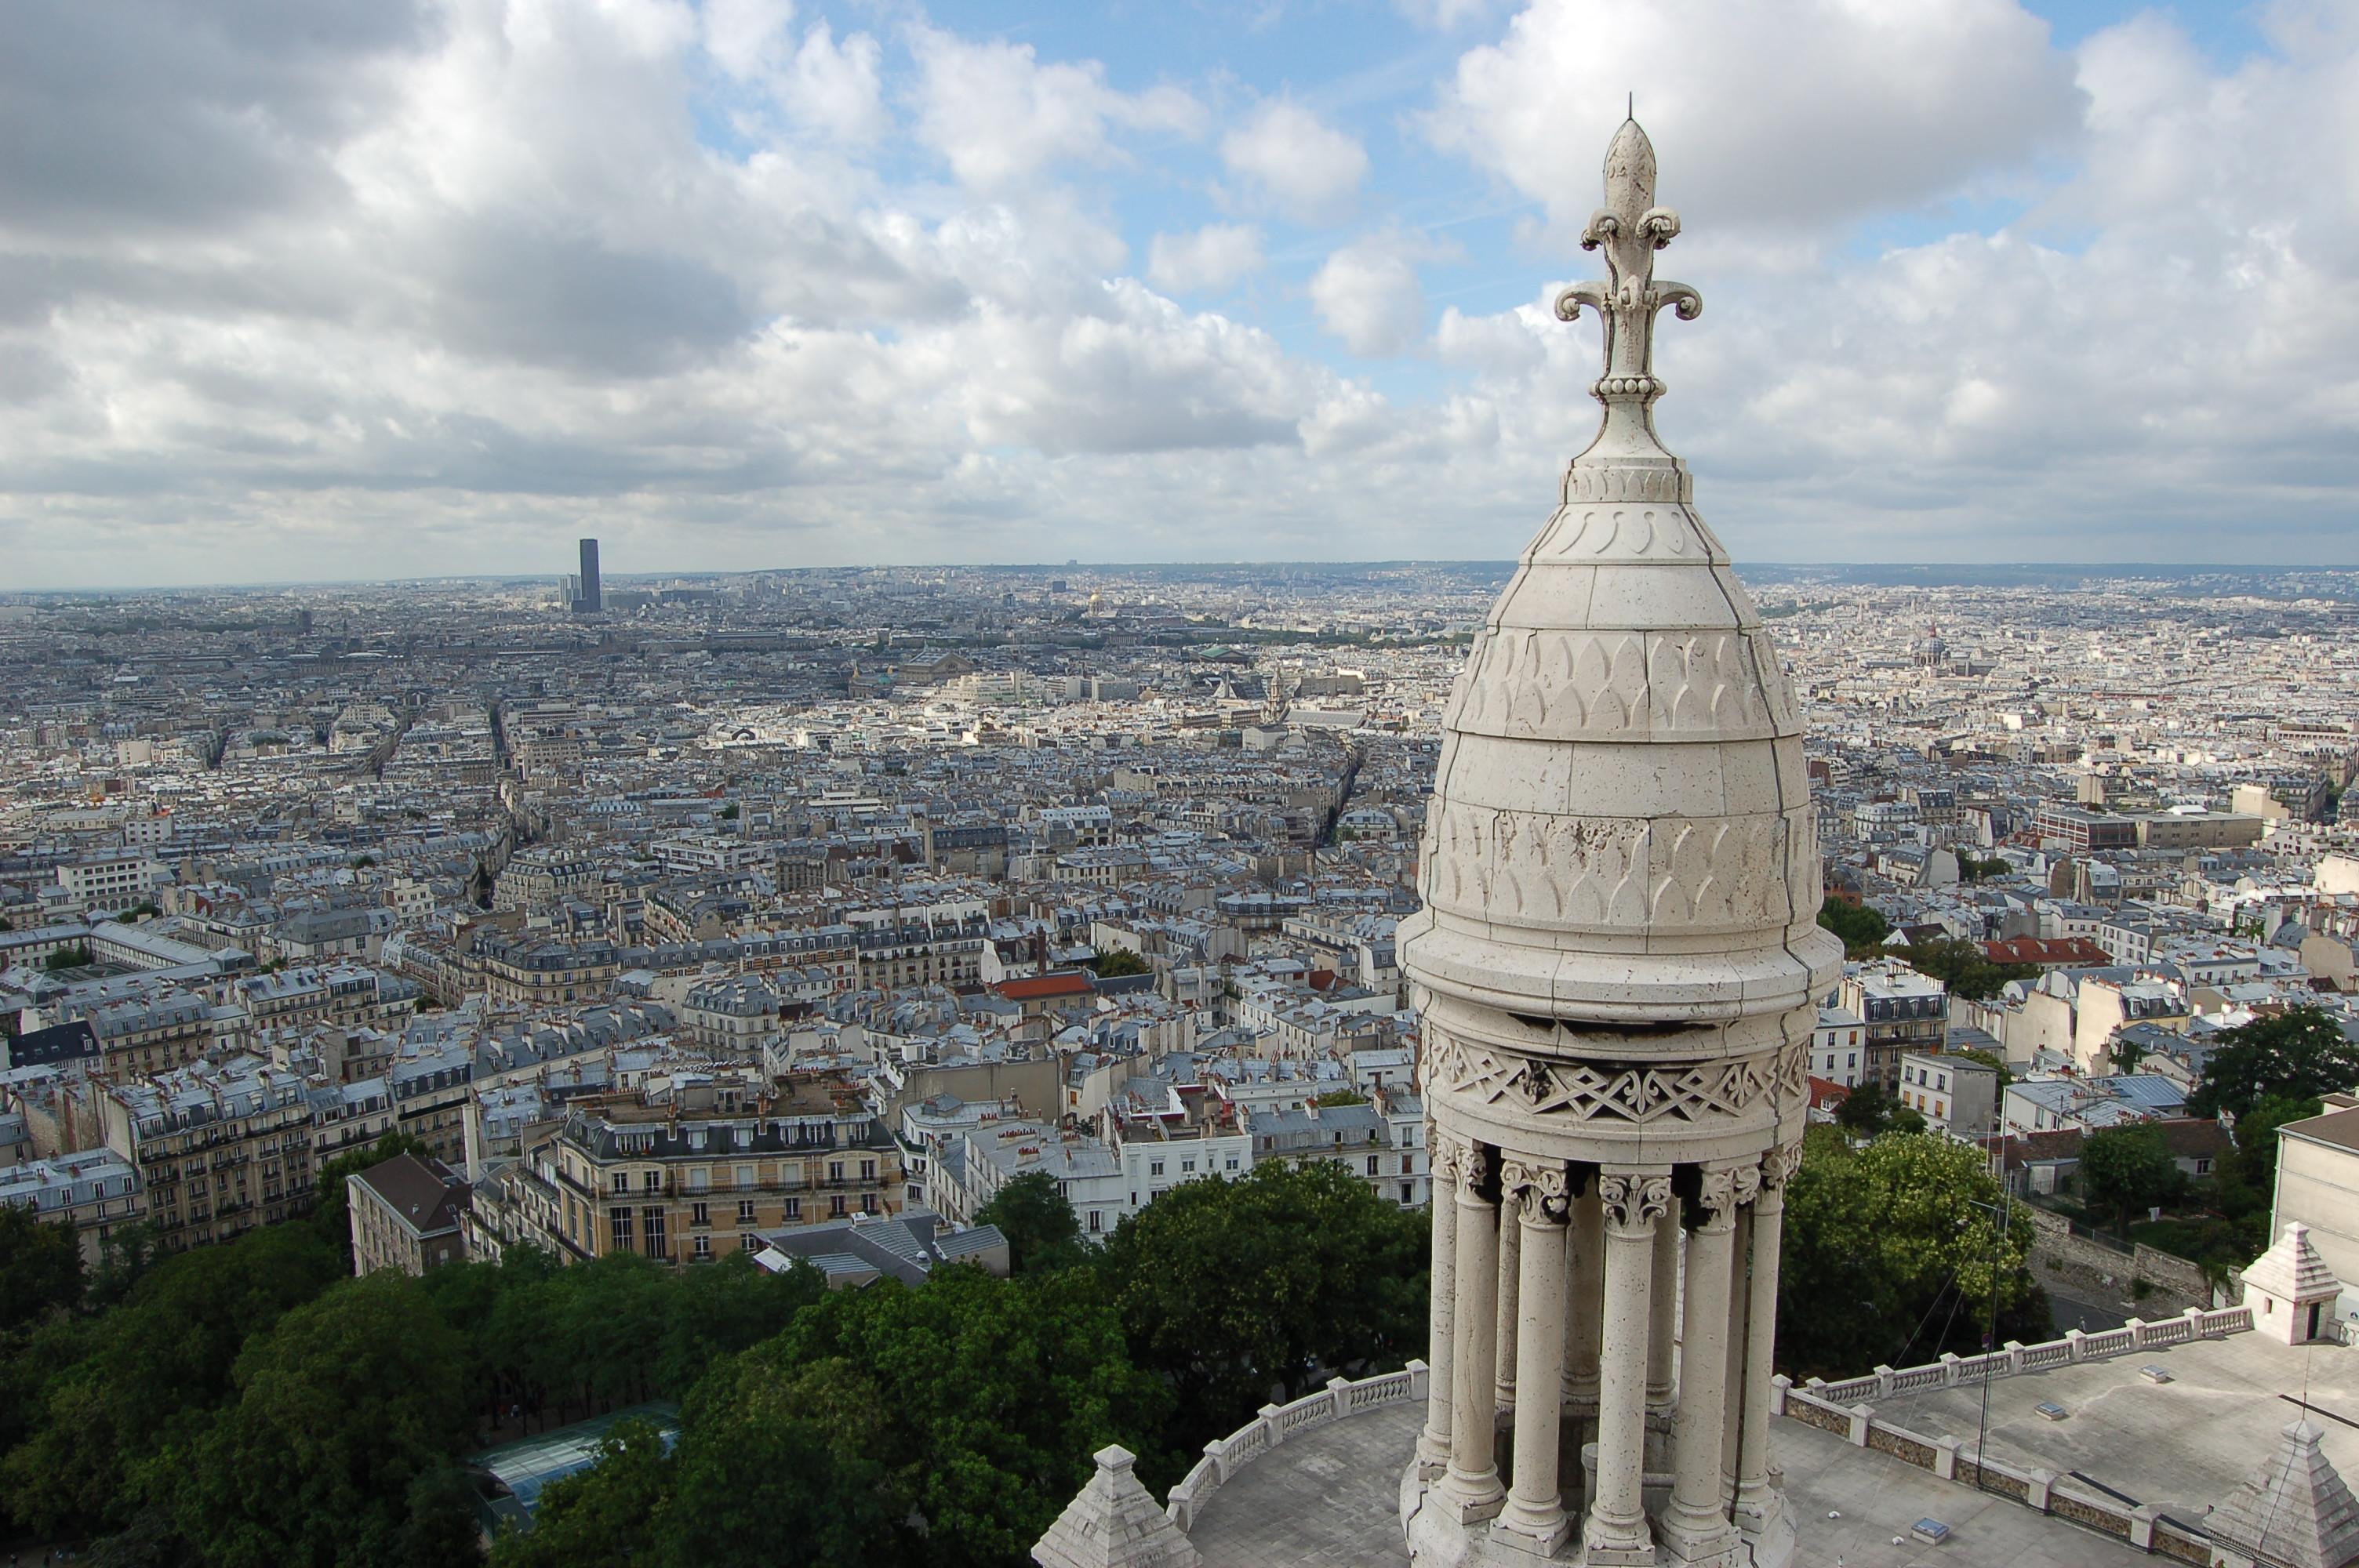 pohled z Montmartr - paříž.JPG